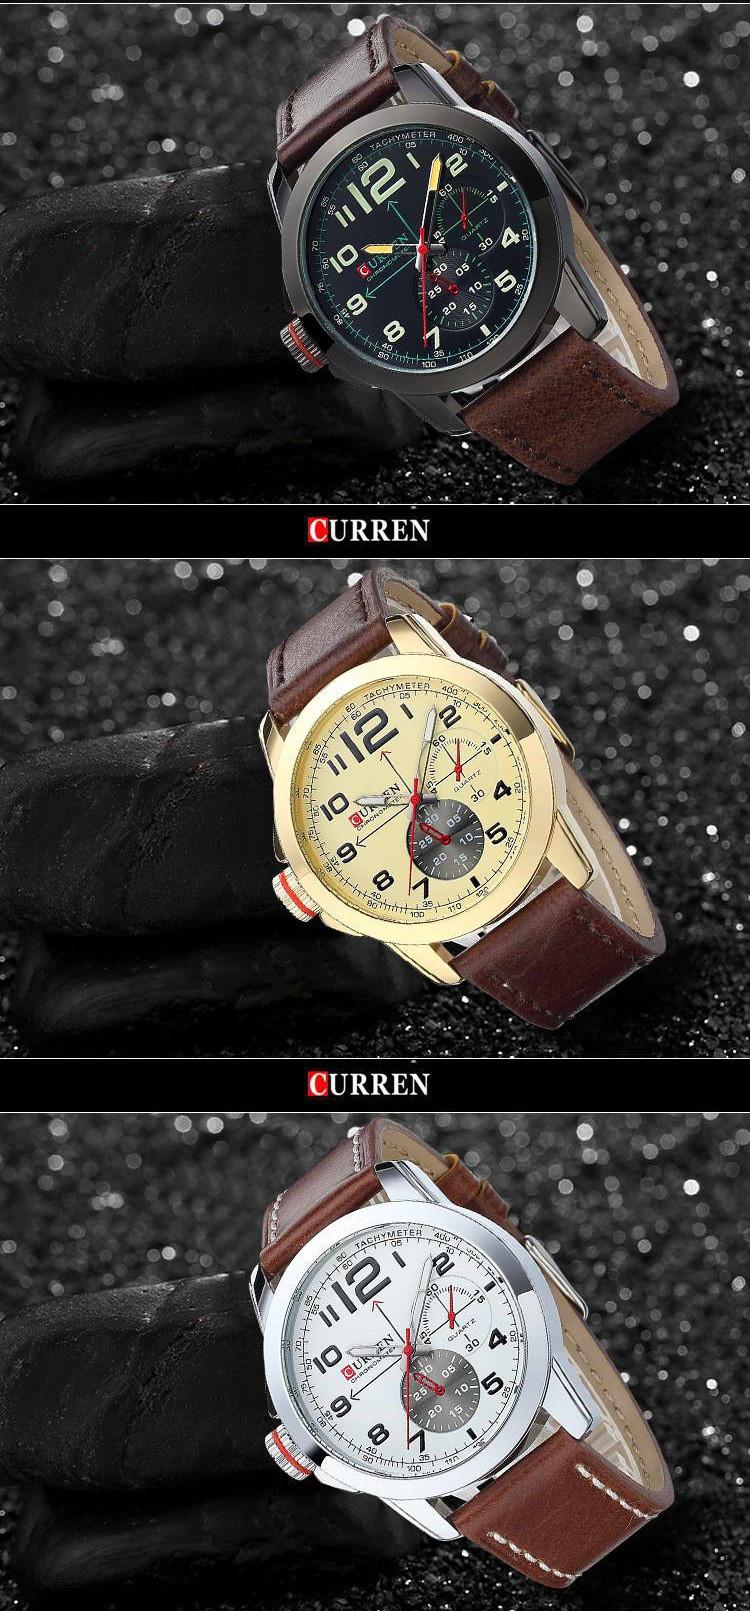 новый Уиллис лучших Роско для мужчин спортивные часы для мужчин кварцевые прошел час часы человек Cage реванш фон форма наручные часы relogio мужчина для